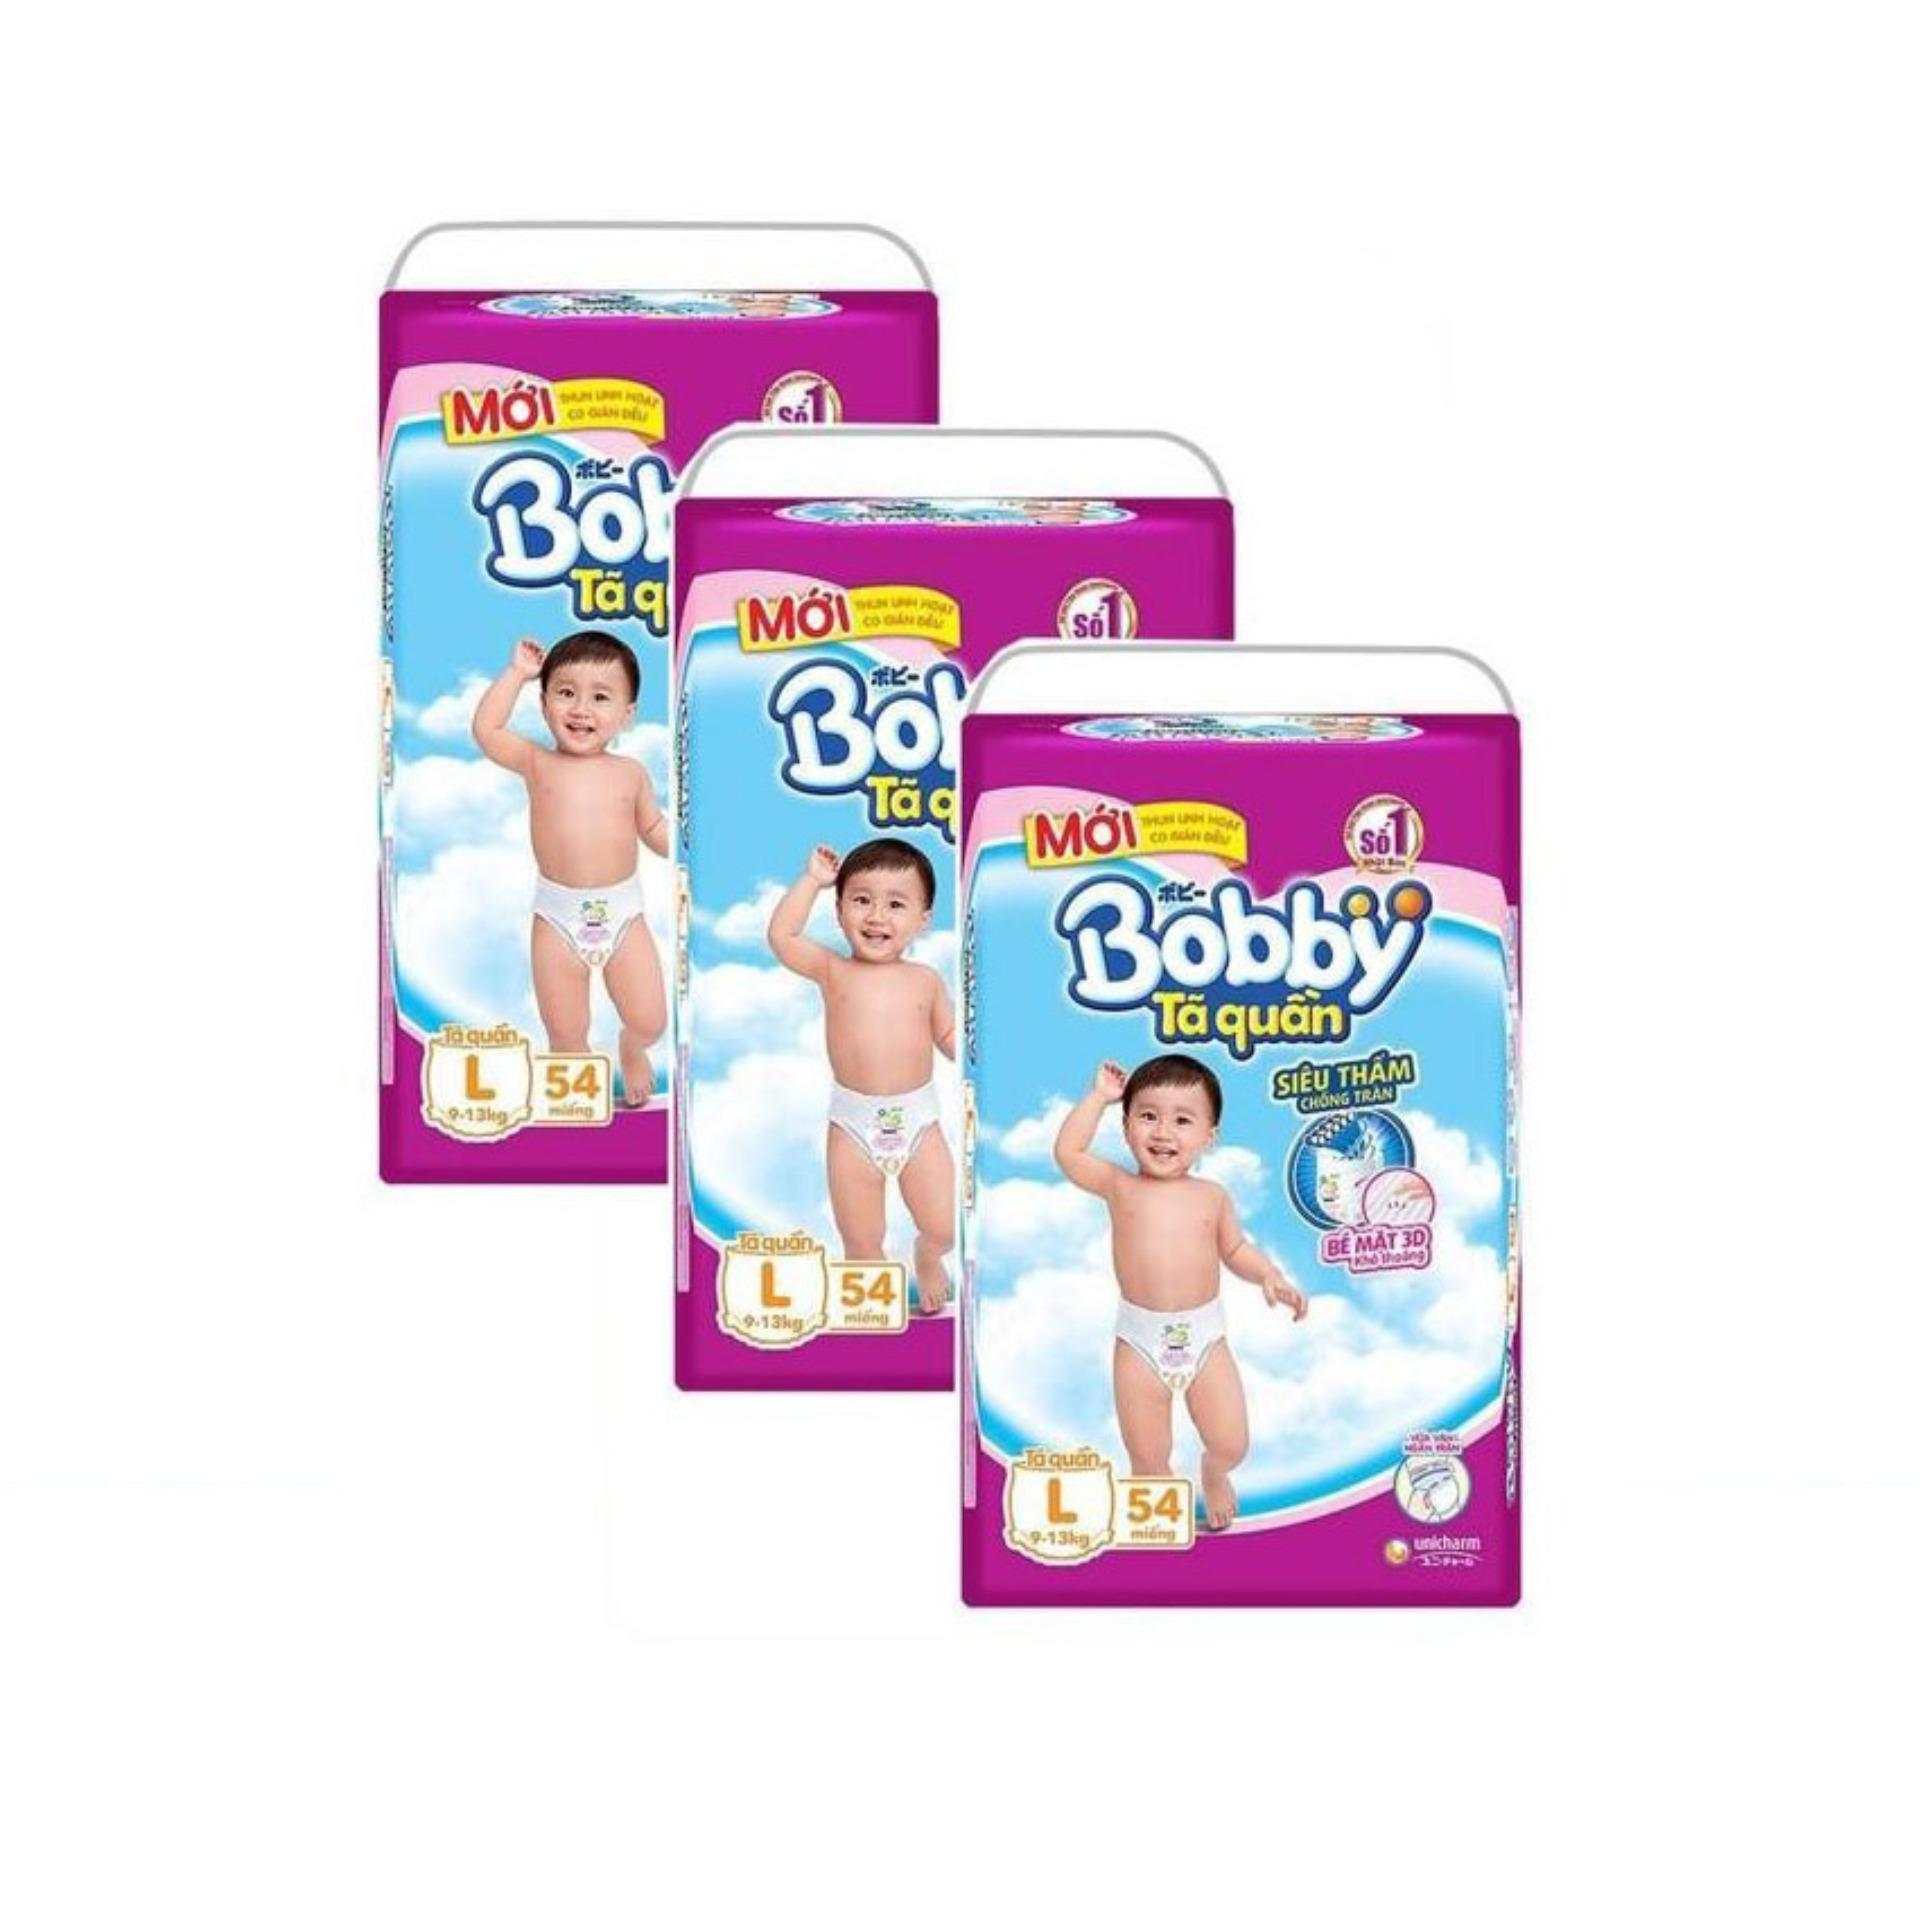 Bộ 3 Goi Ta Quần Bobby L54 Bobby Chiết Khấu 40